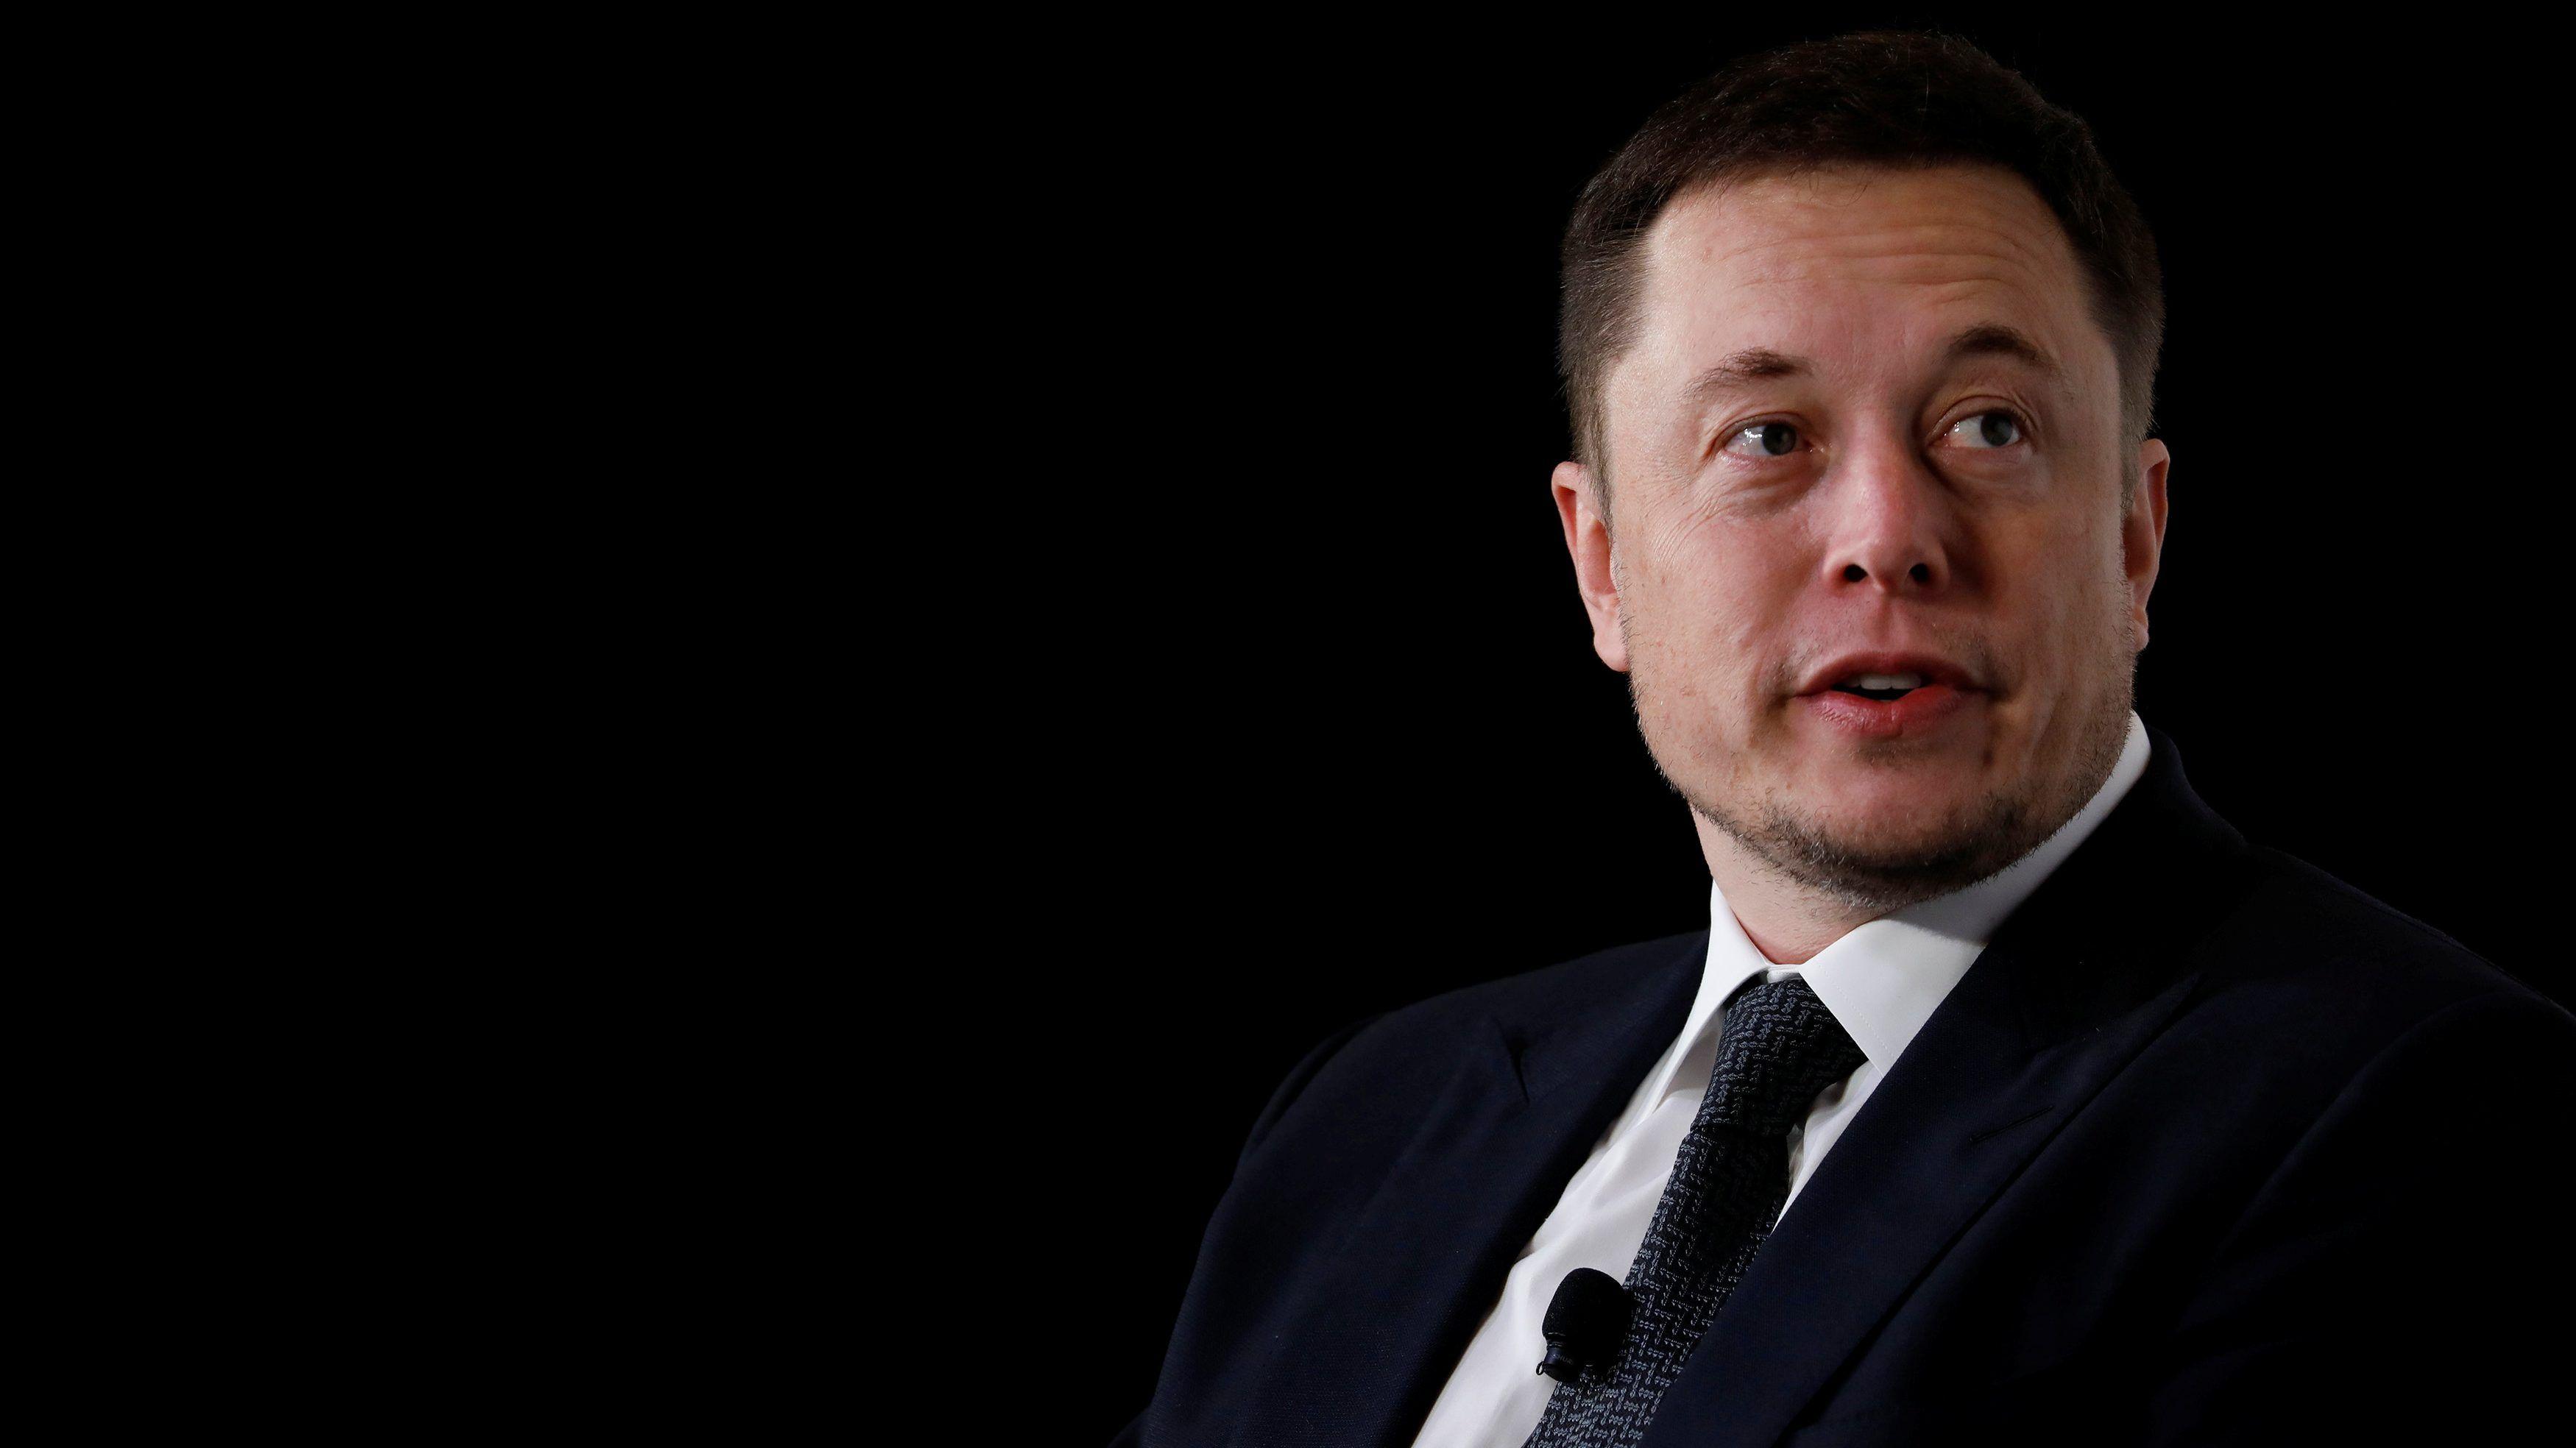 Илон Маск намеревается открыть торговлю огнеметами